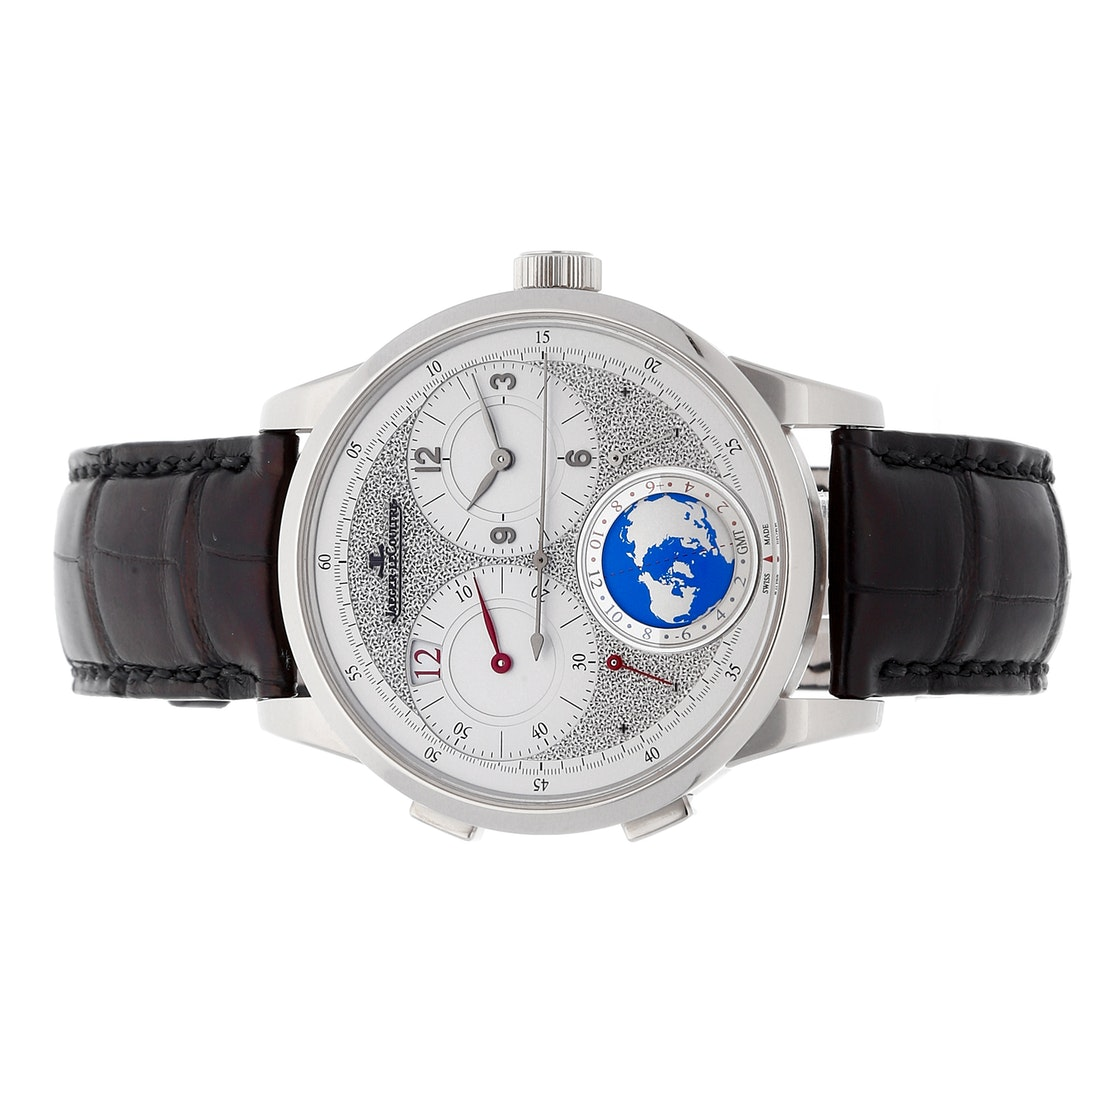 Jaeger-LeCoultre Duometre Unique Travel Time Limited Edition Q606344U